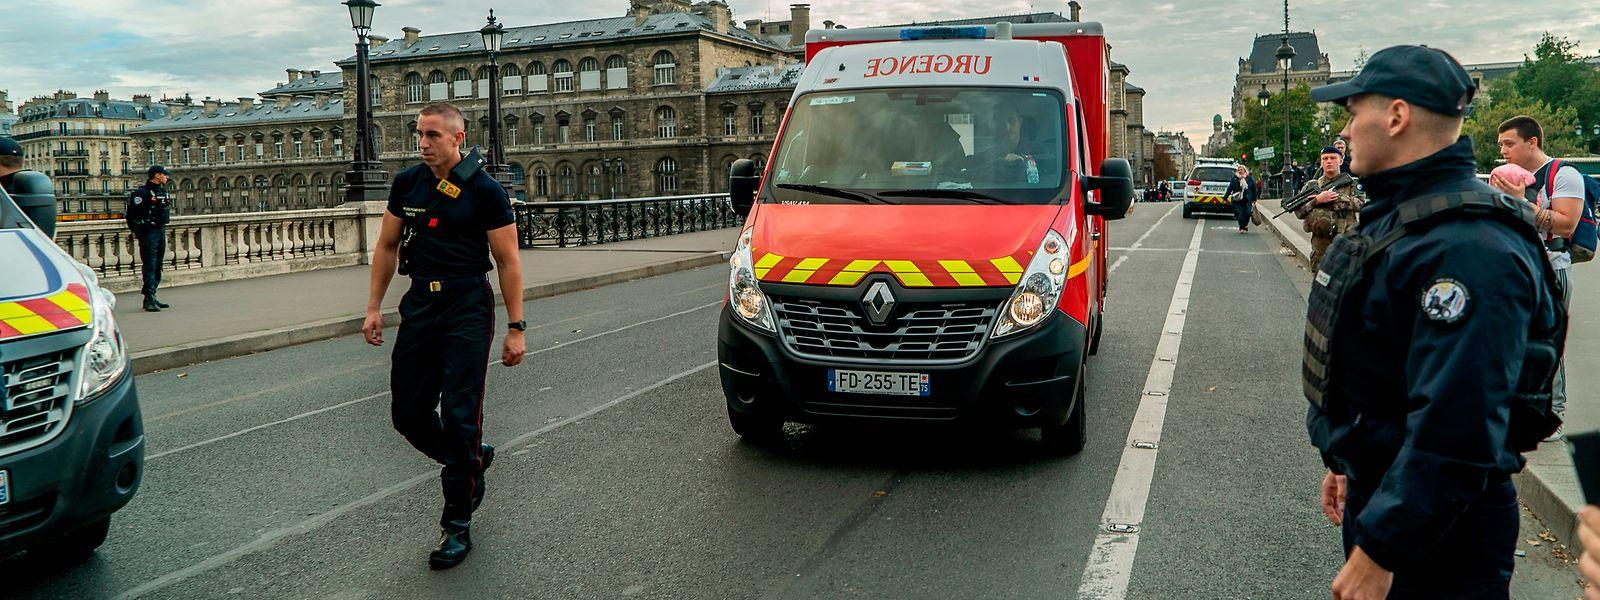 EinRettungswagen fährt nach dem Attentat im Pariser Polizeihauptquartier durch eine versperrte Straße auf der Île de la Cité.